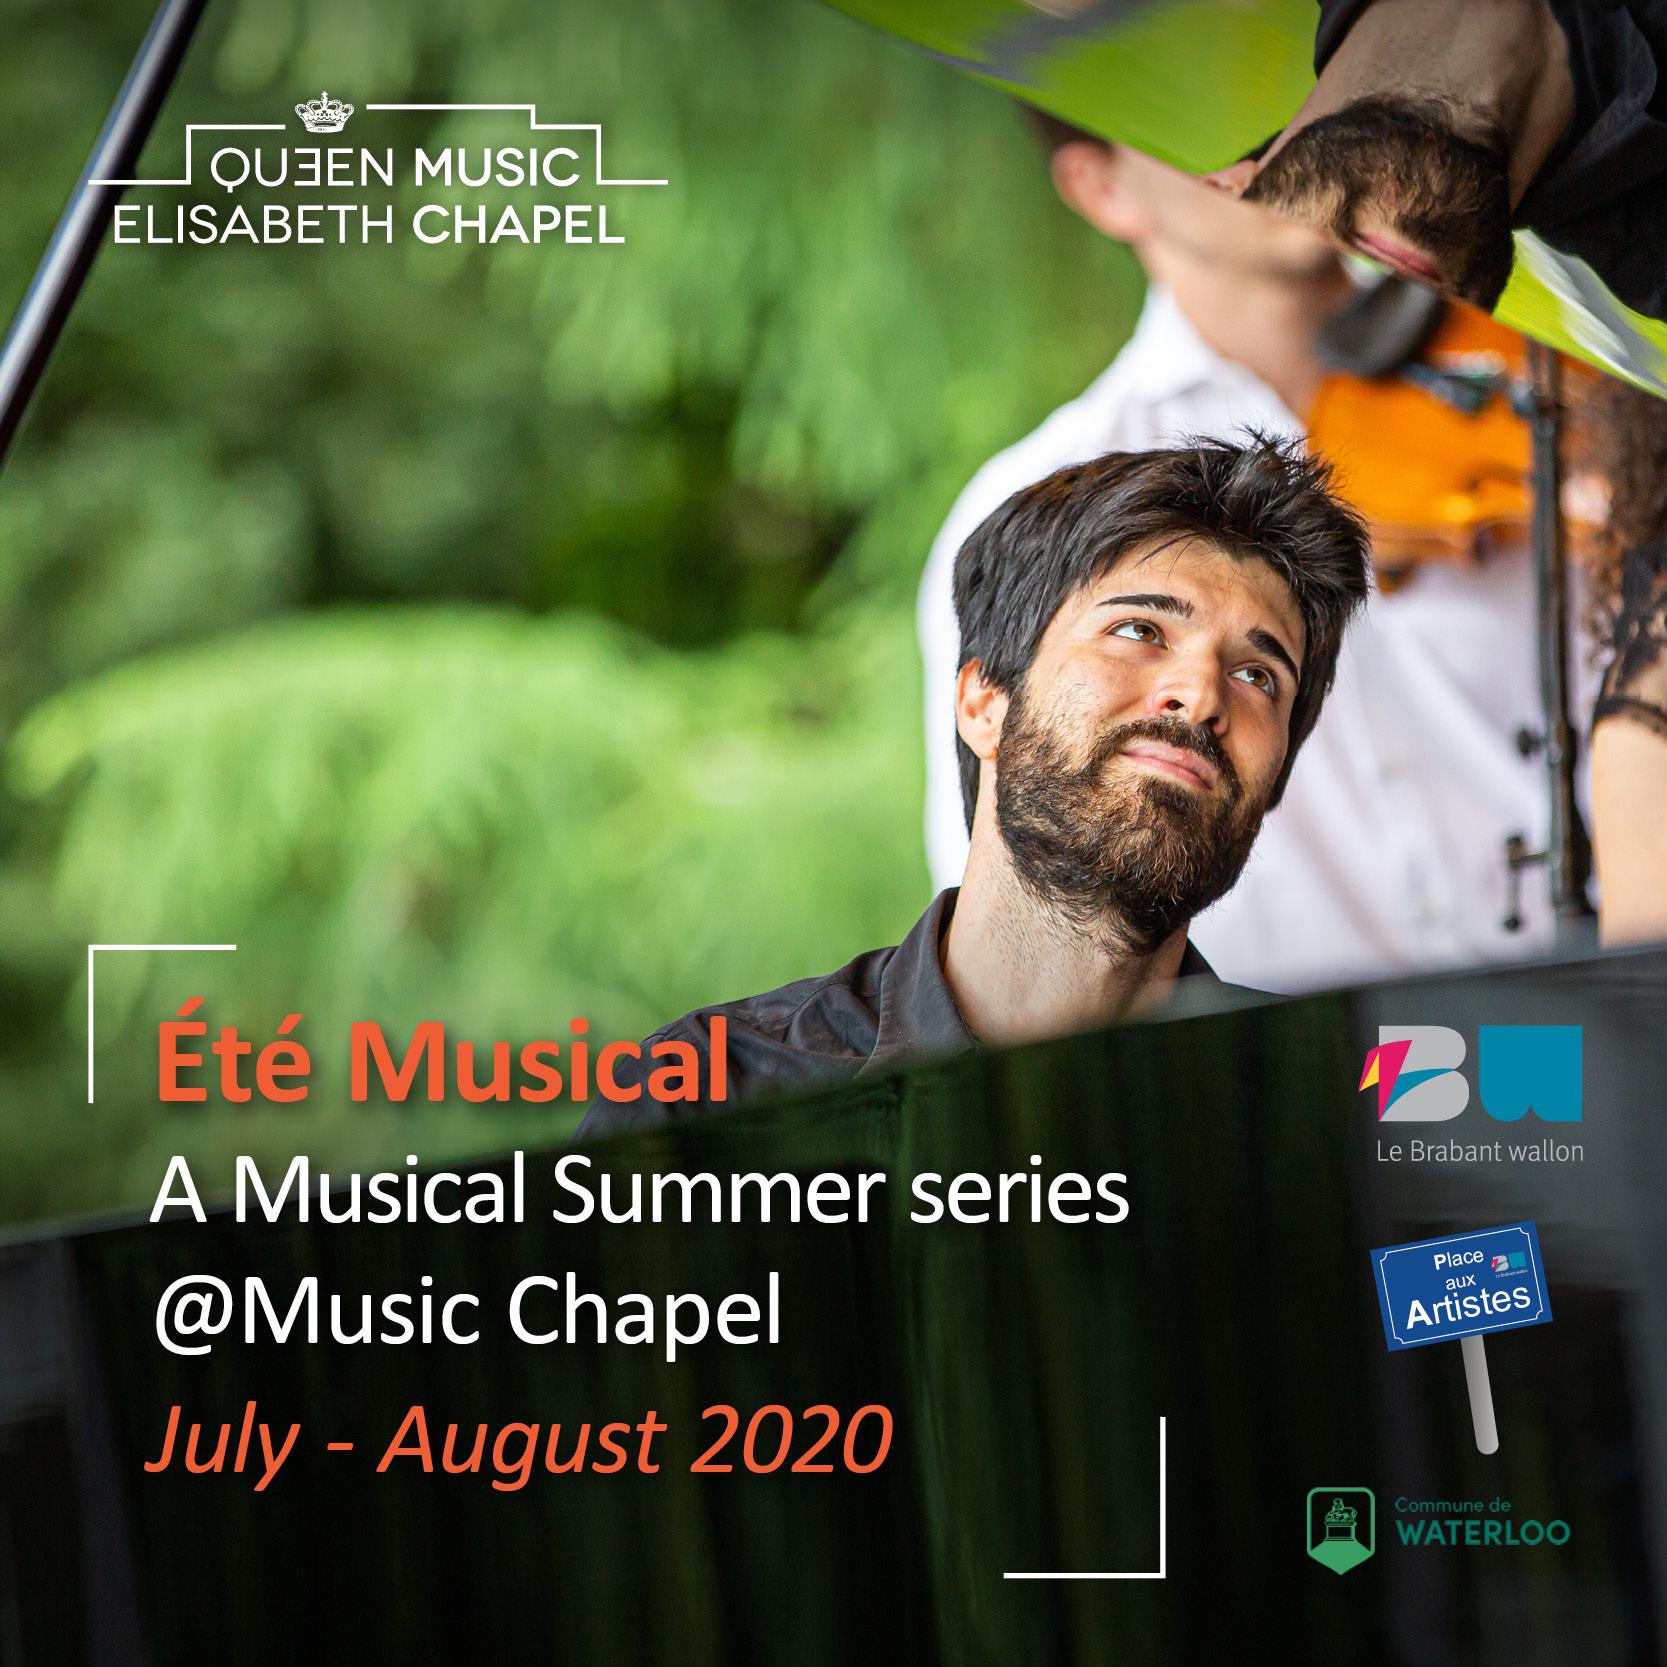 Eté Musical @ Music Chapel